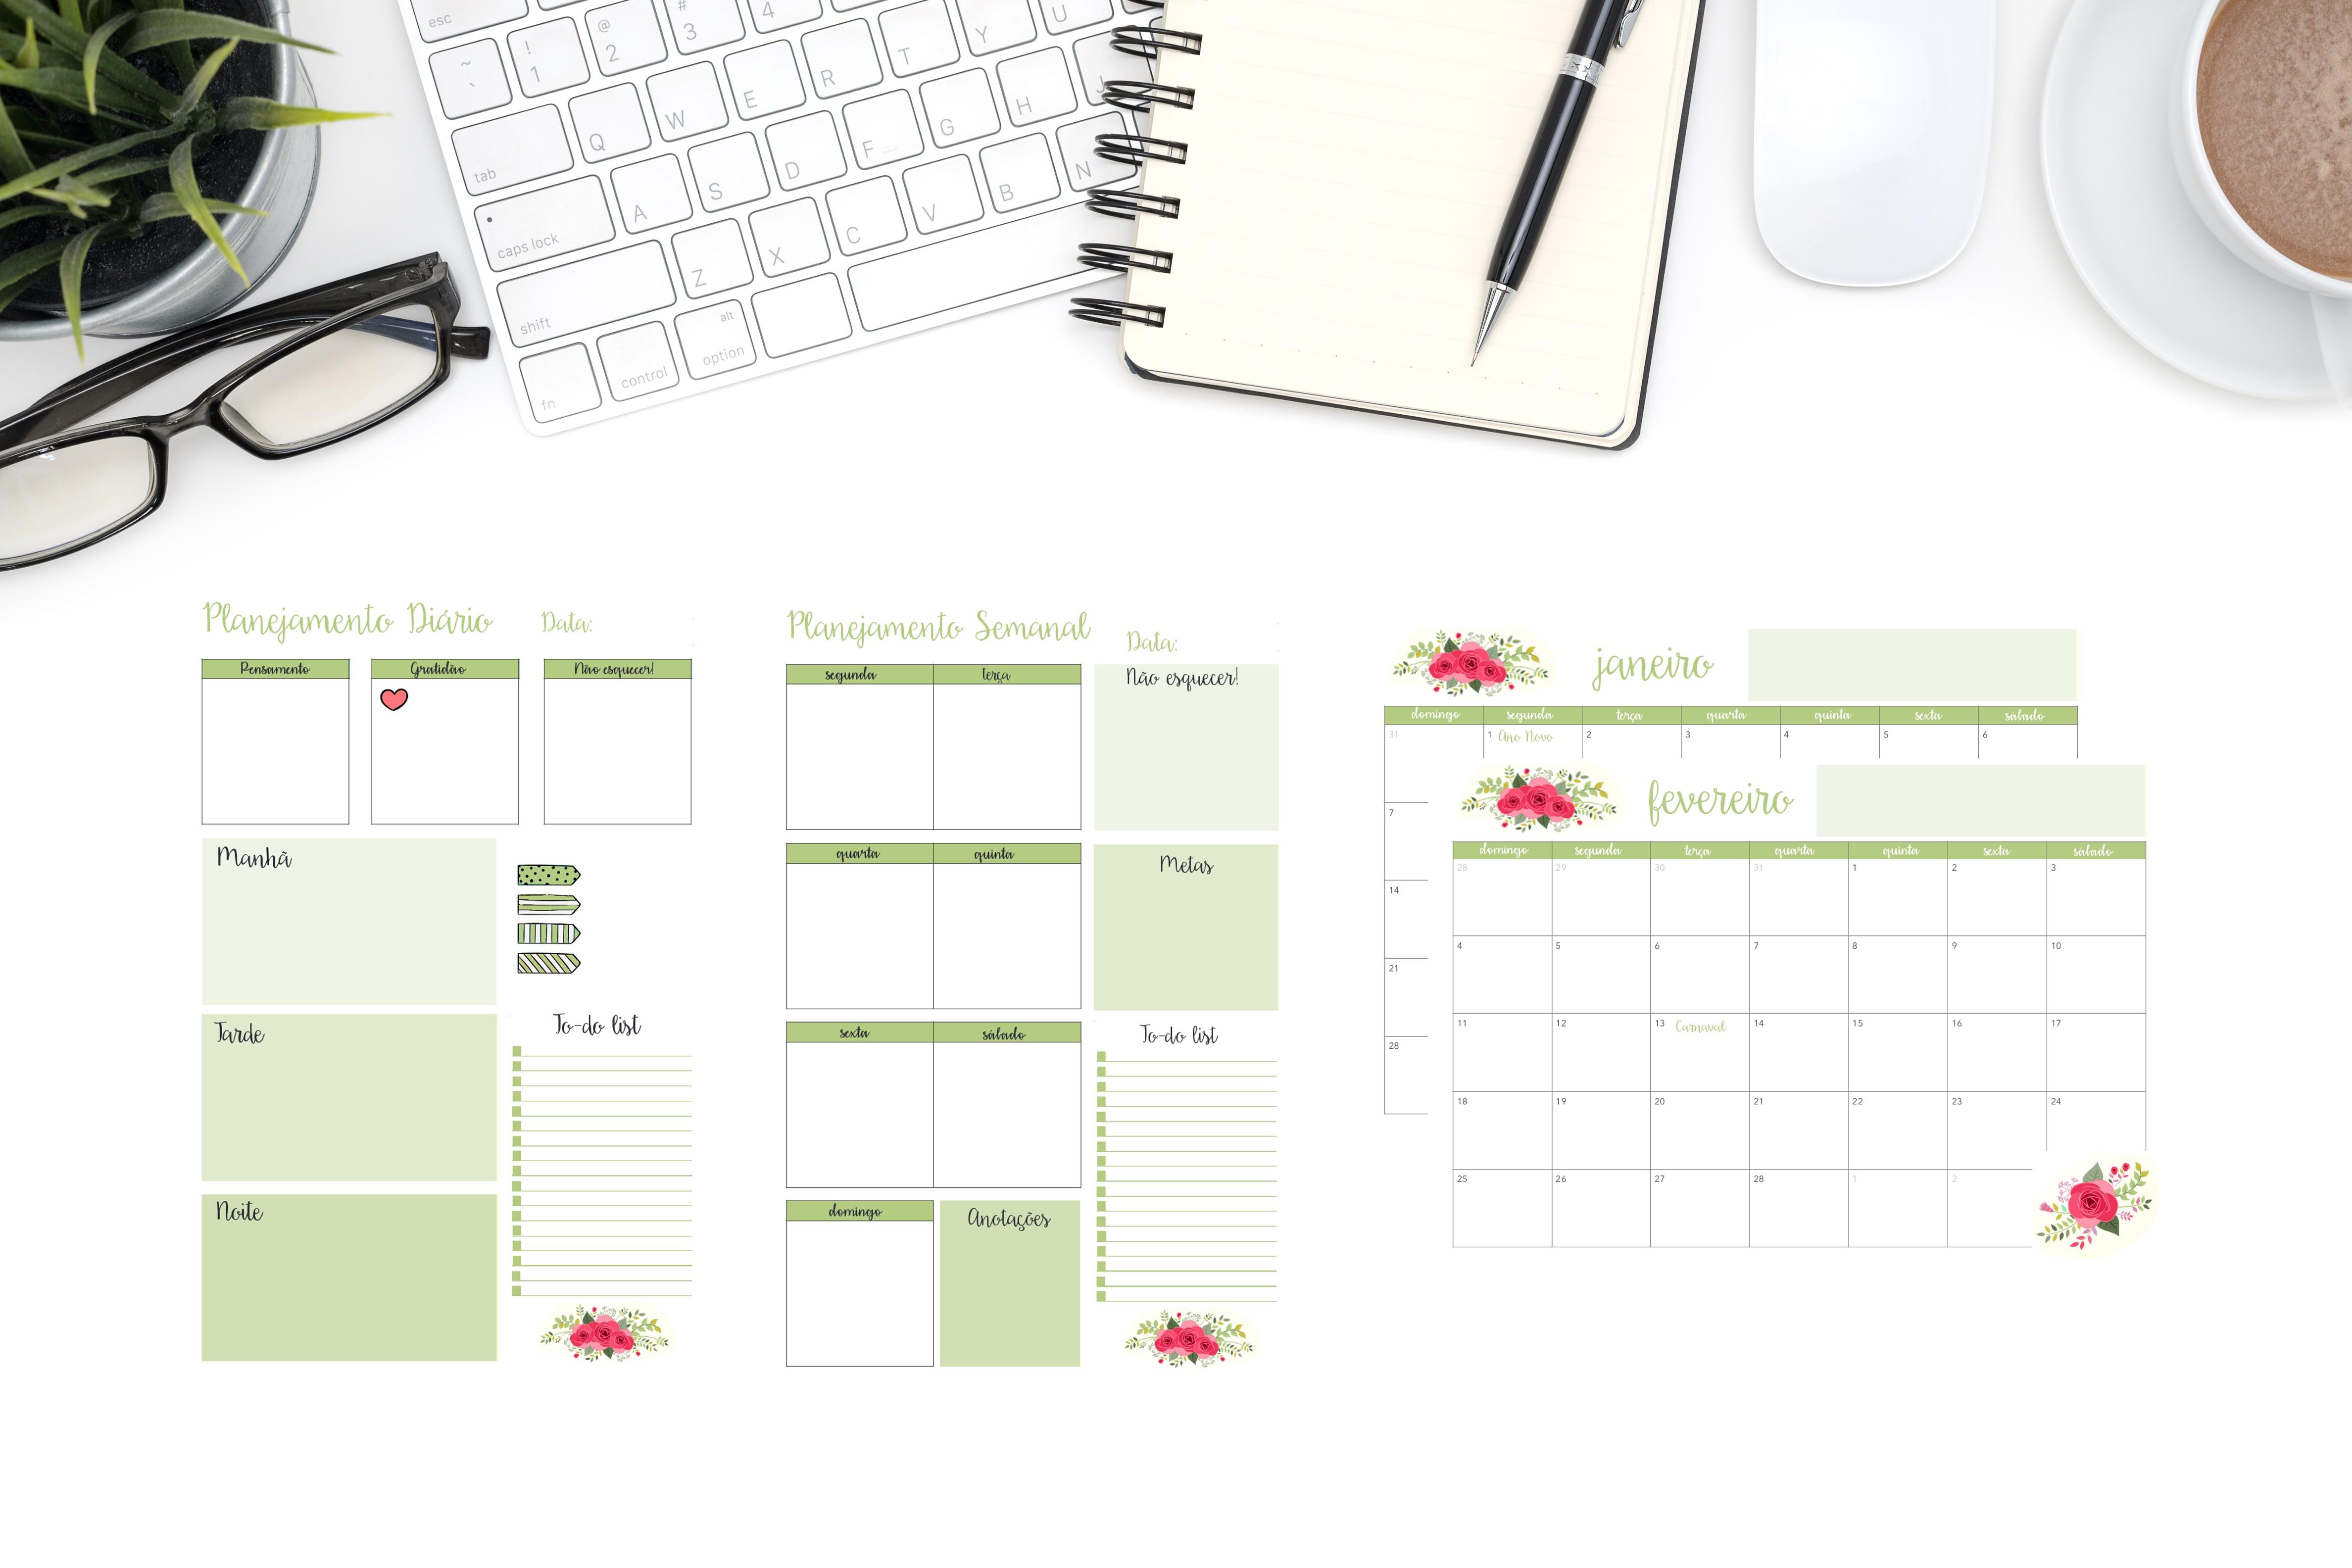 Atualizado Planner 2019 Calendário Cactos Pdf Feriados Nacionais datas emorativas organiza§£o